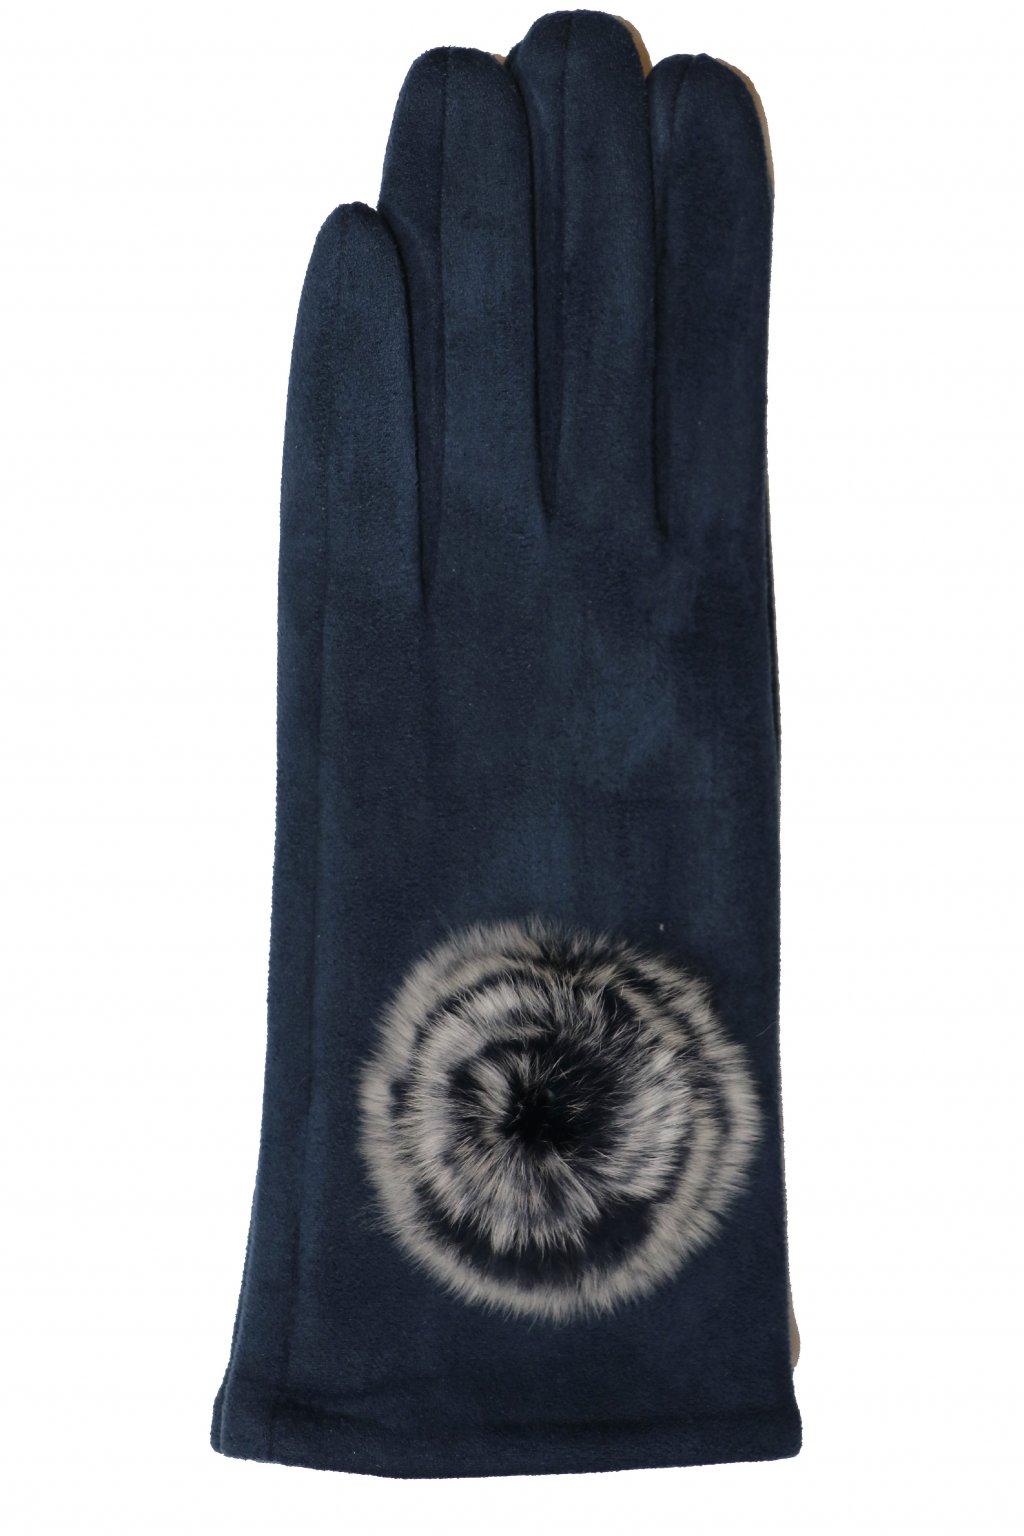 Dámské rukavice JPB006